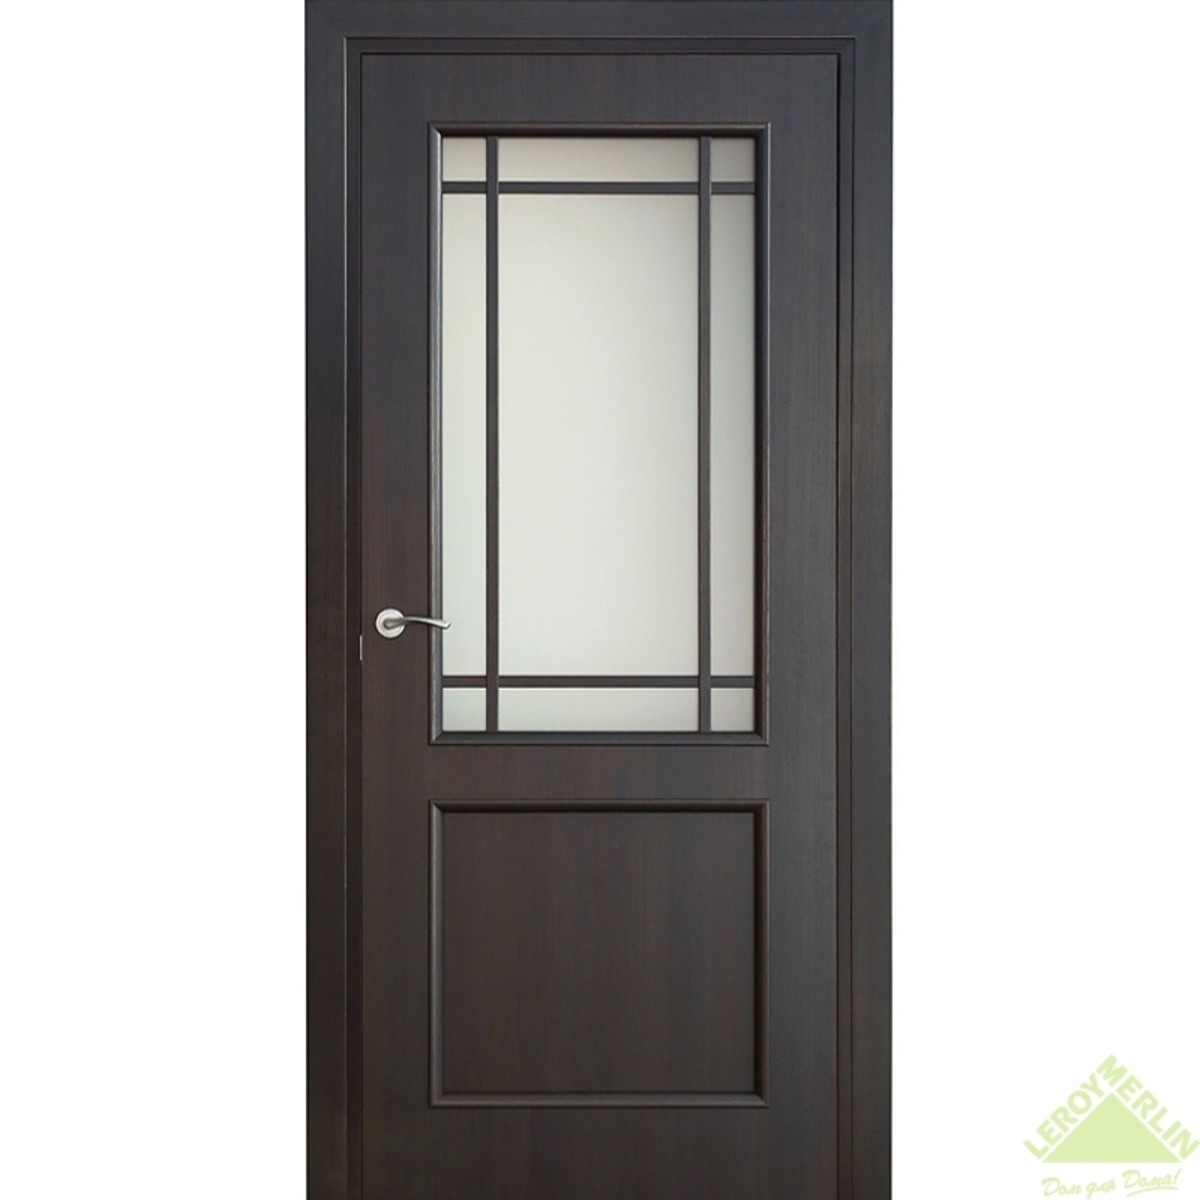 Дверь межкомнатная остеклённая Фортунато 819 900x2000 мм венге